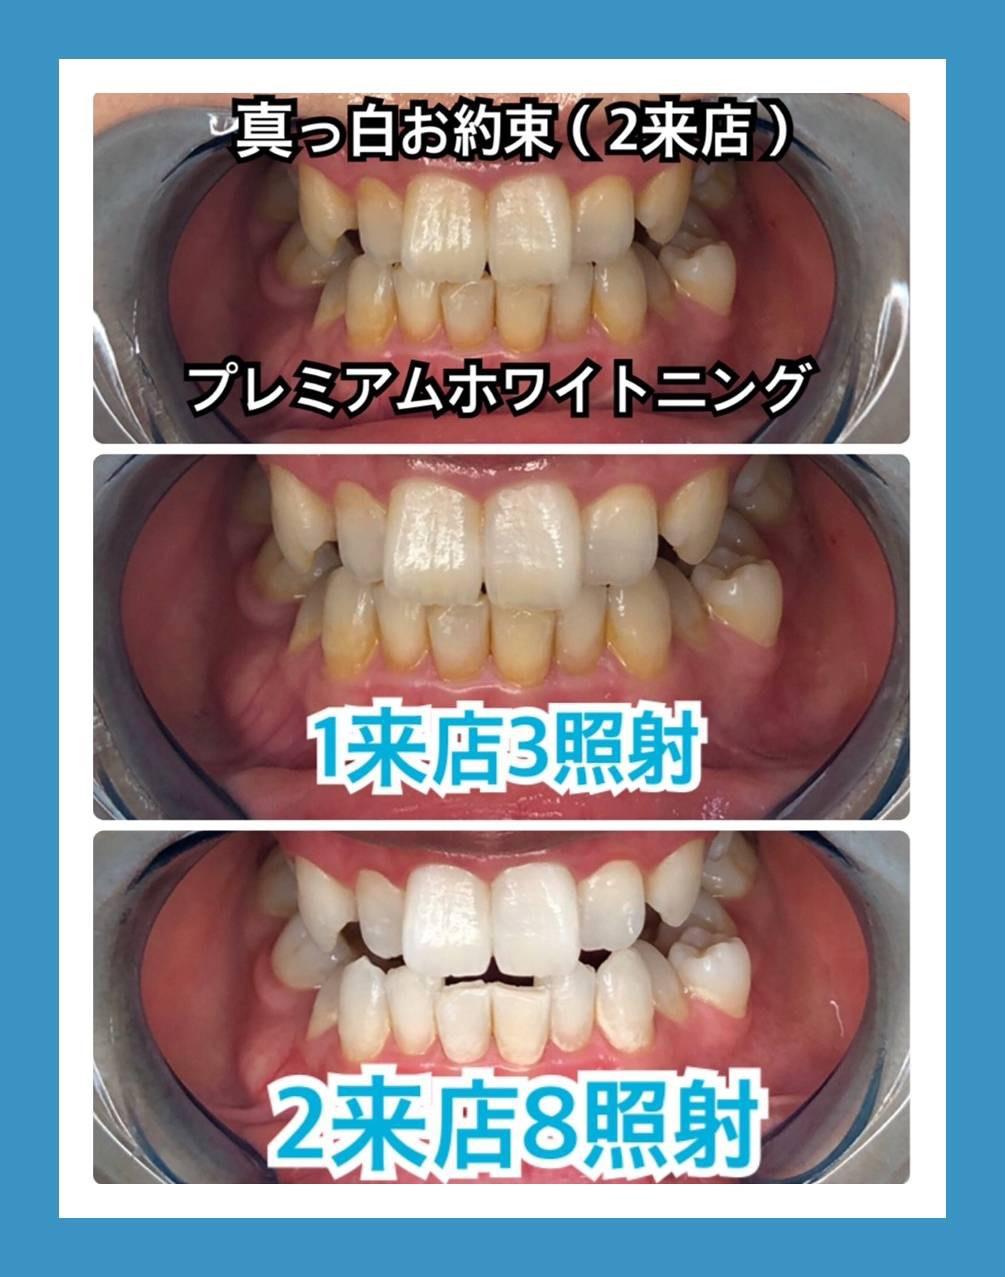 歯科医院、歯科メーカーダブル提携の新薬剤登場